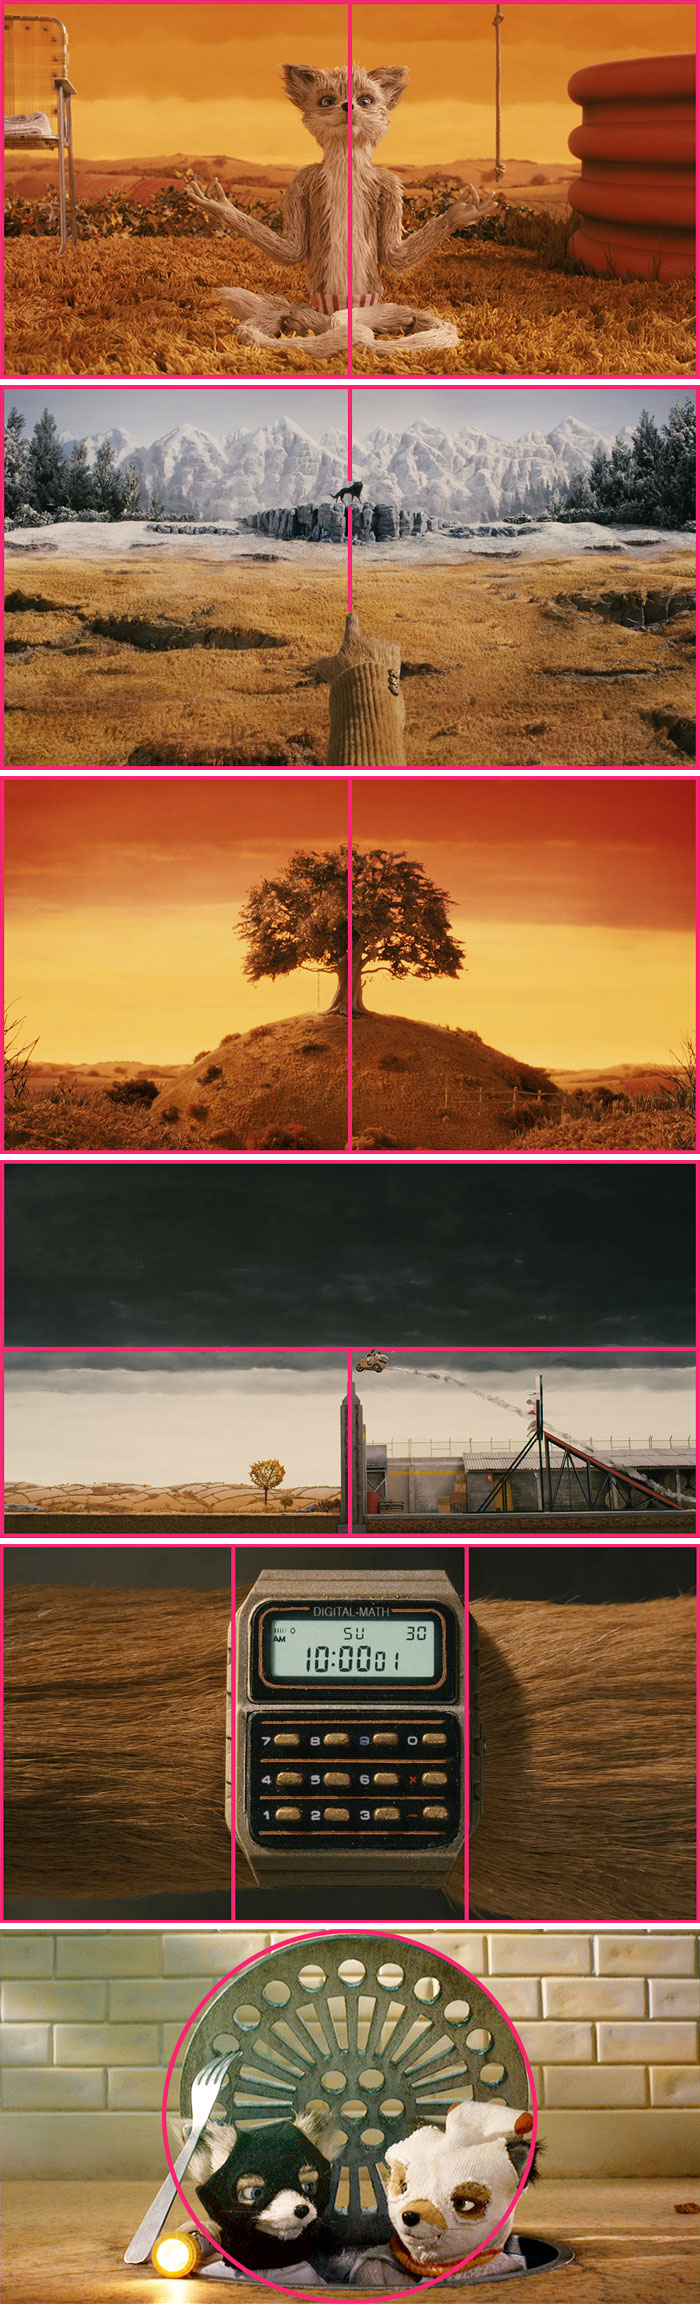 605da648e963b film scenes composition lines raymond thi 56 605b2f4a69973  700 - Regra dos terços ainda é muito usada na TV e no Cinema